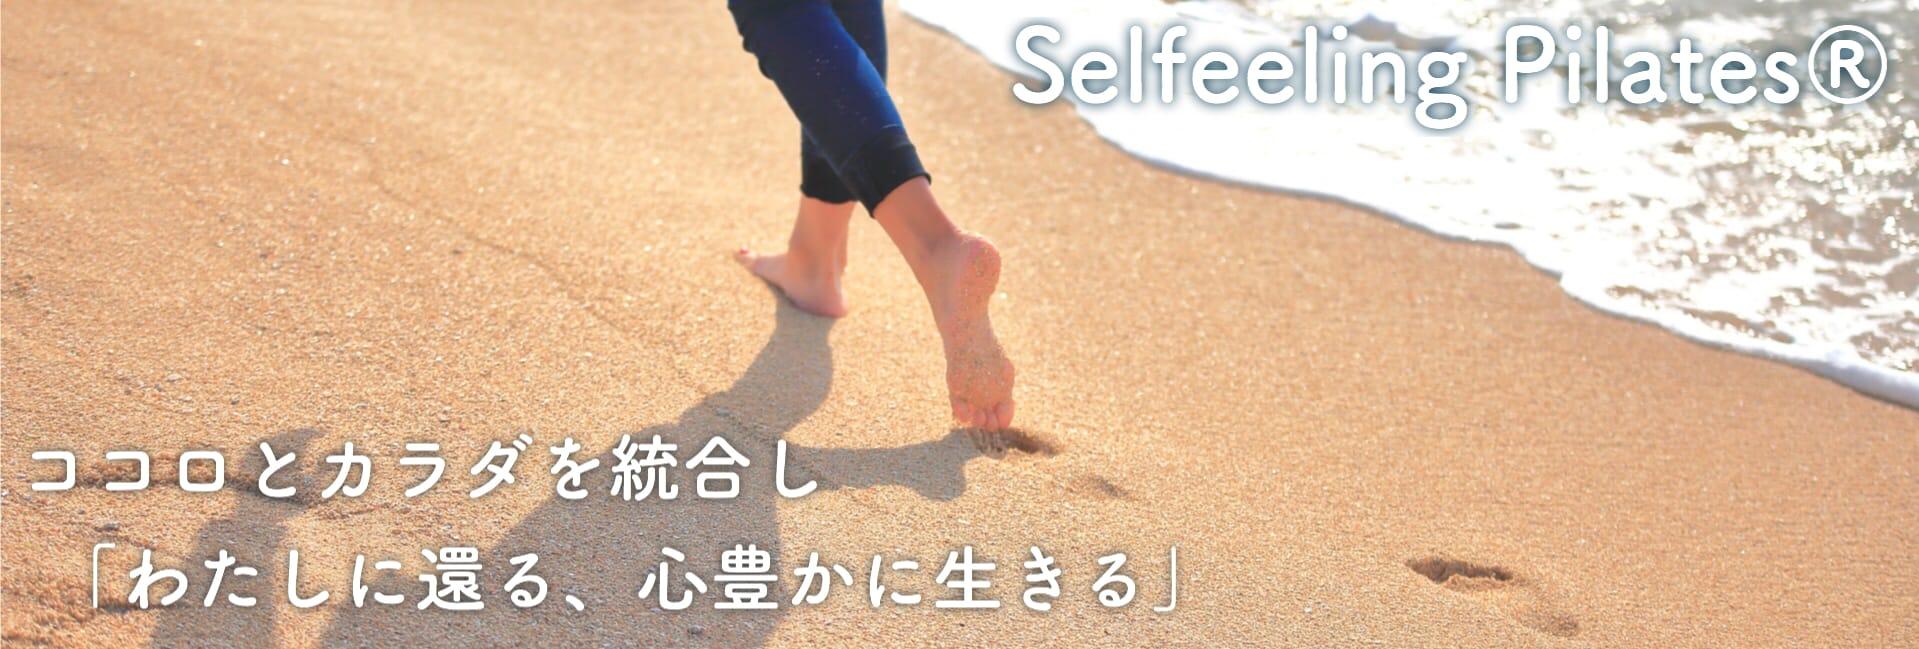 あなたの願いを実現するピラティス|セルフィーリングピラティス®︎湘南|